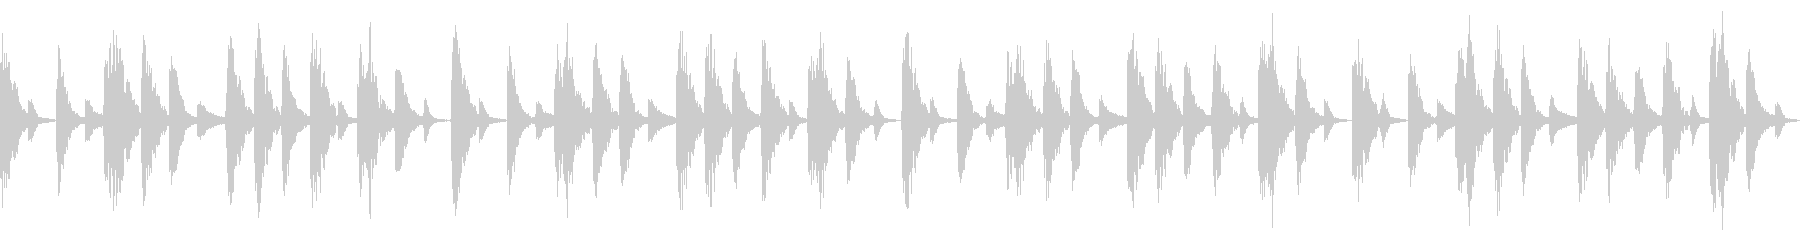 シンプルなドラムビート8小節の未再生の波形